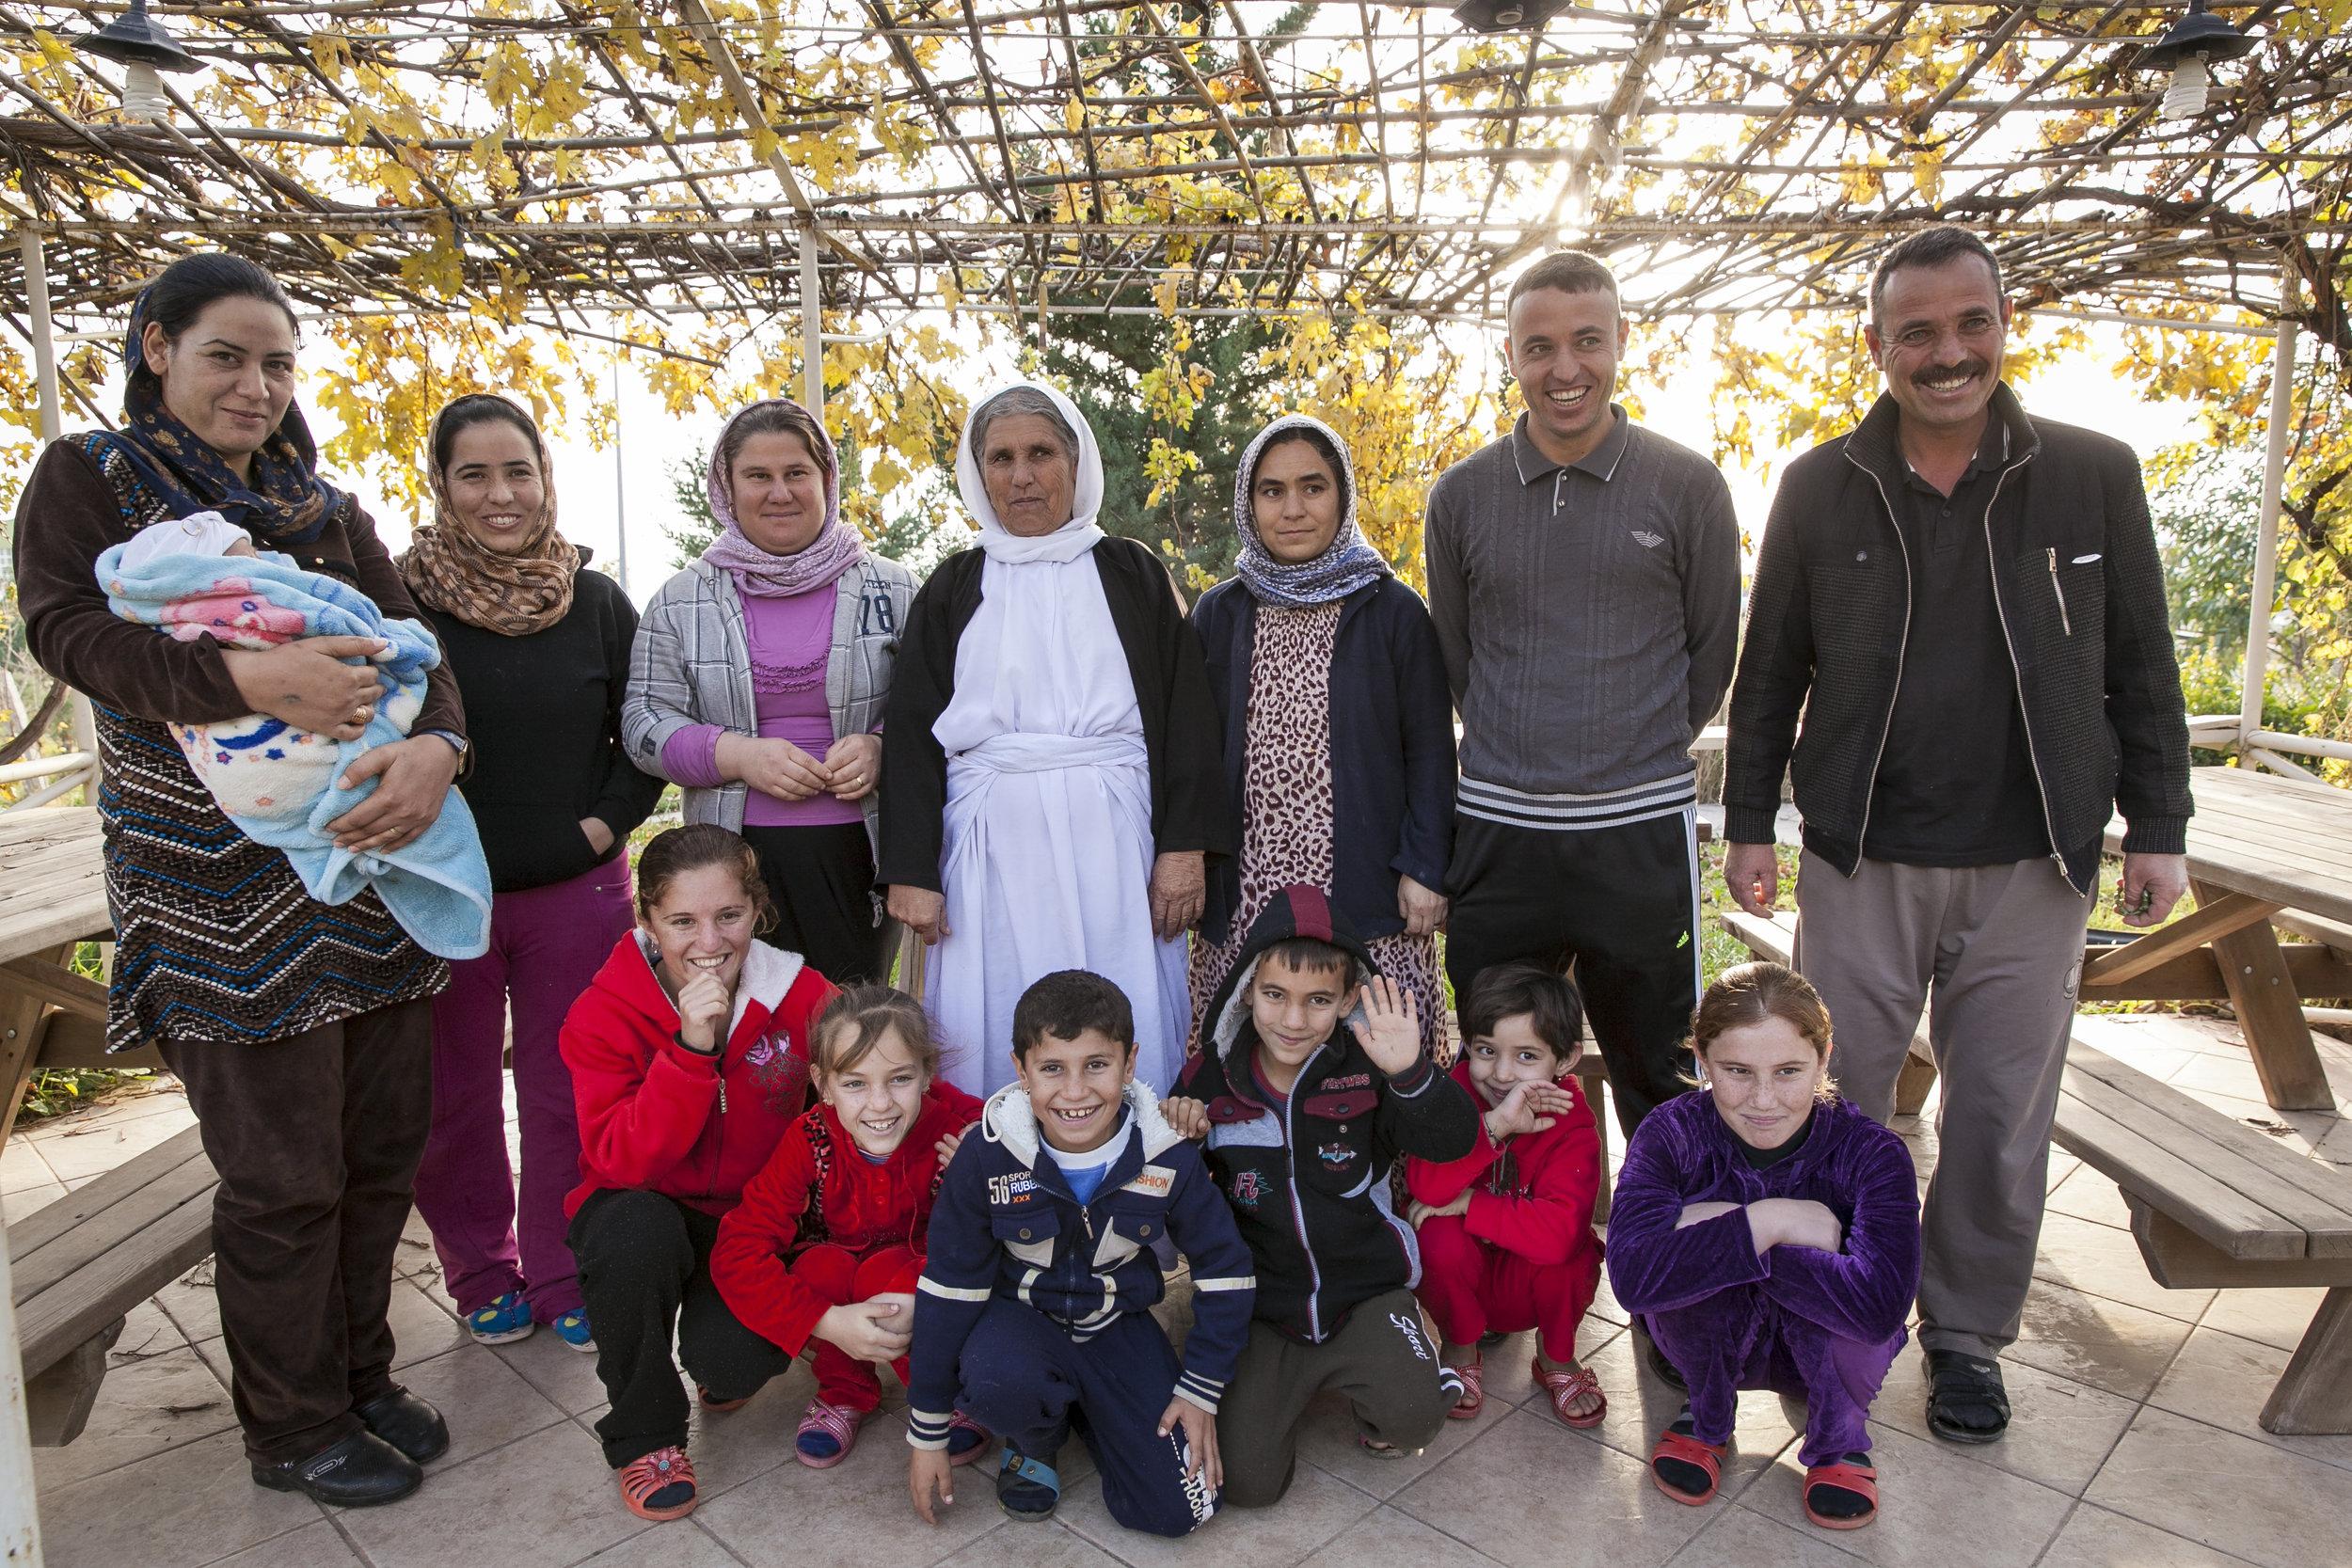 20141205_Refugee_GH_0580.jpg